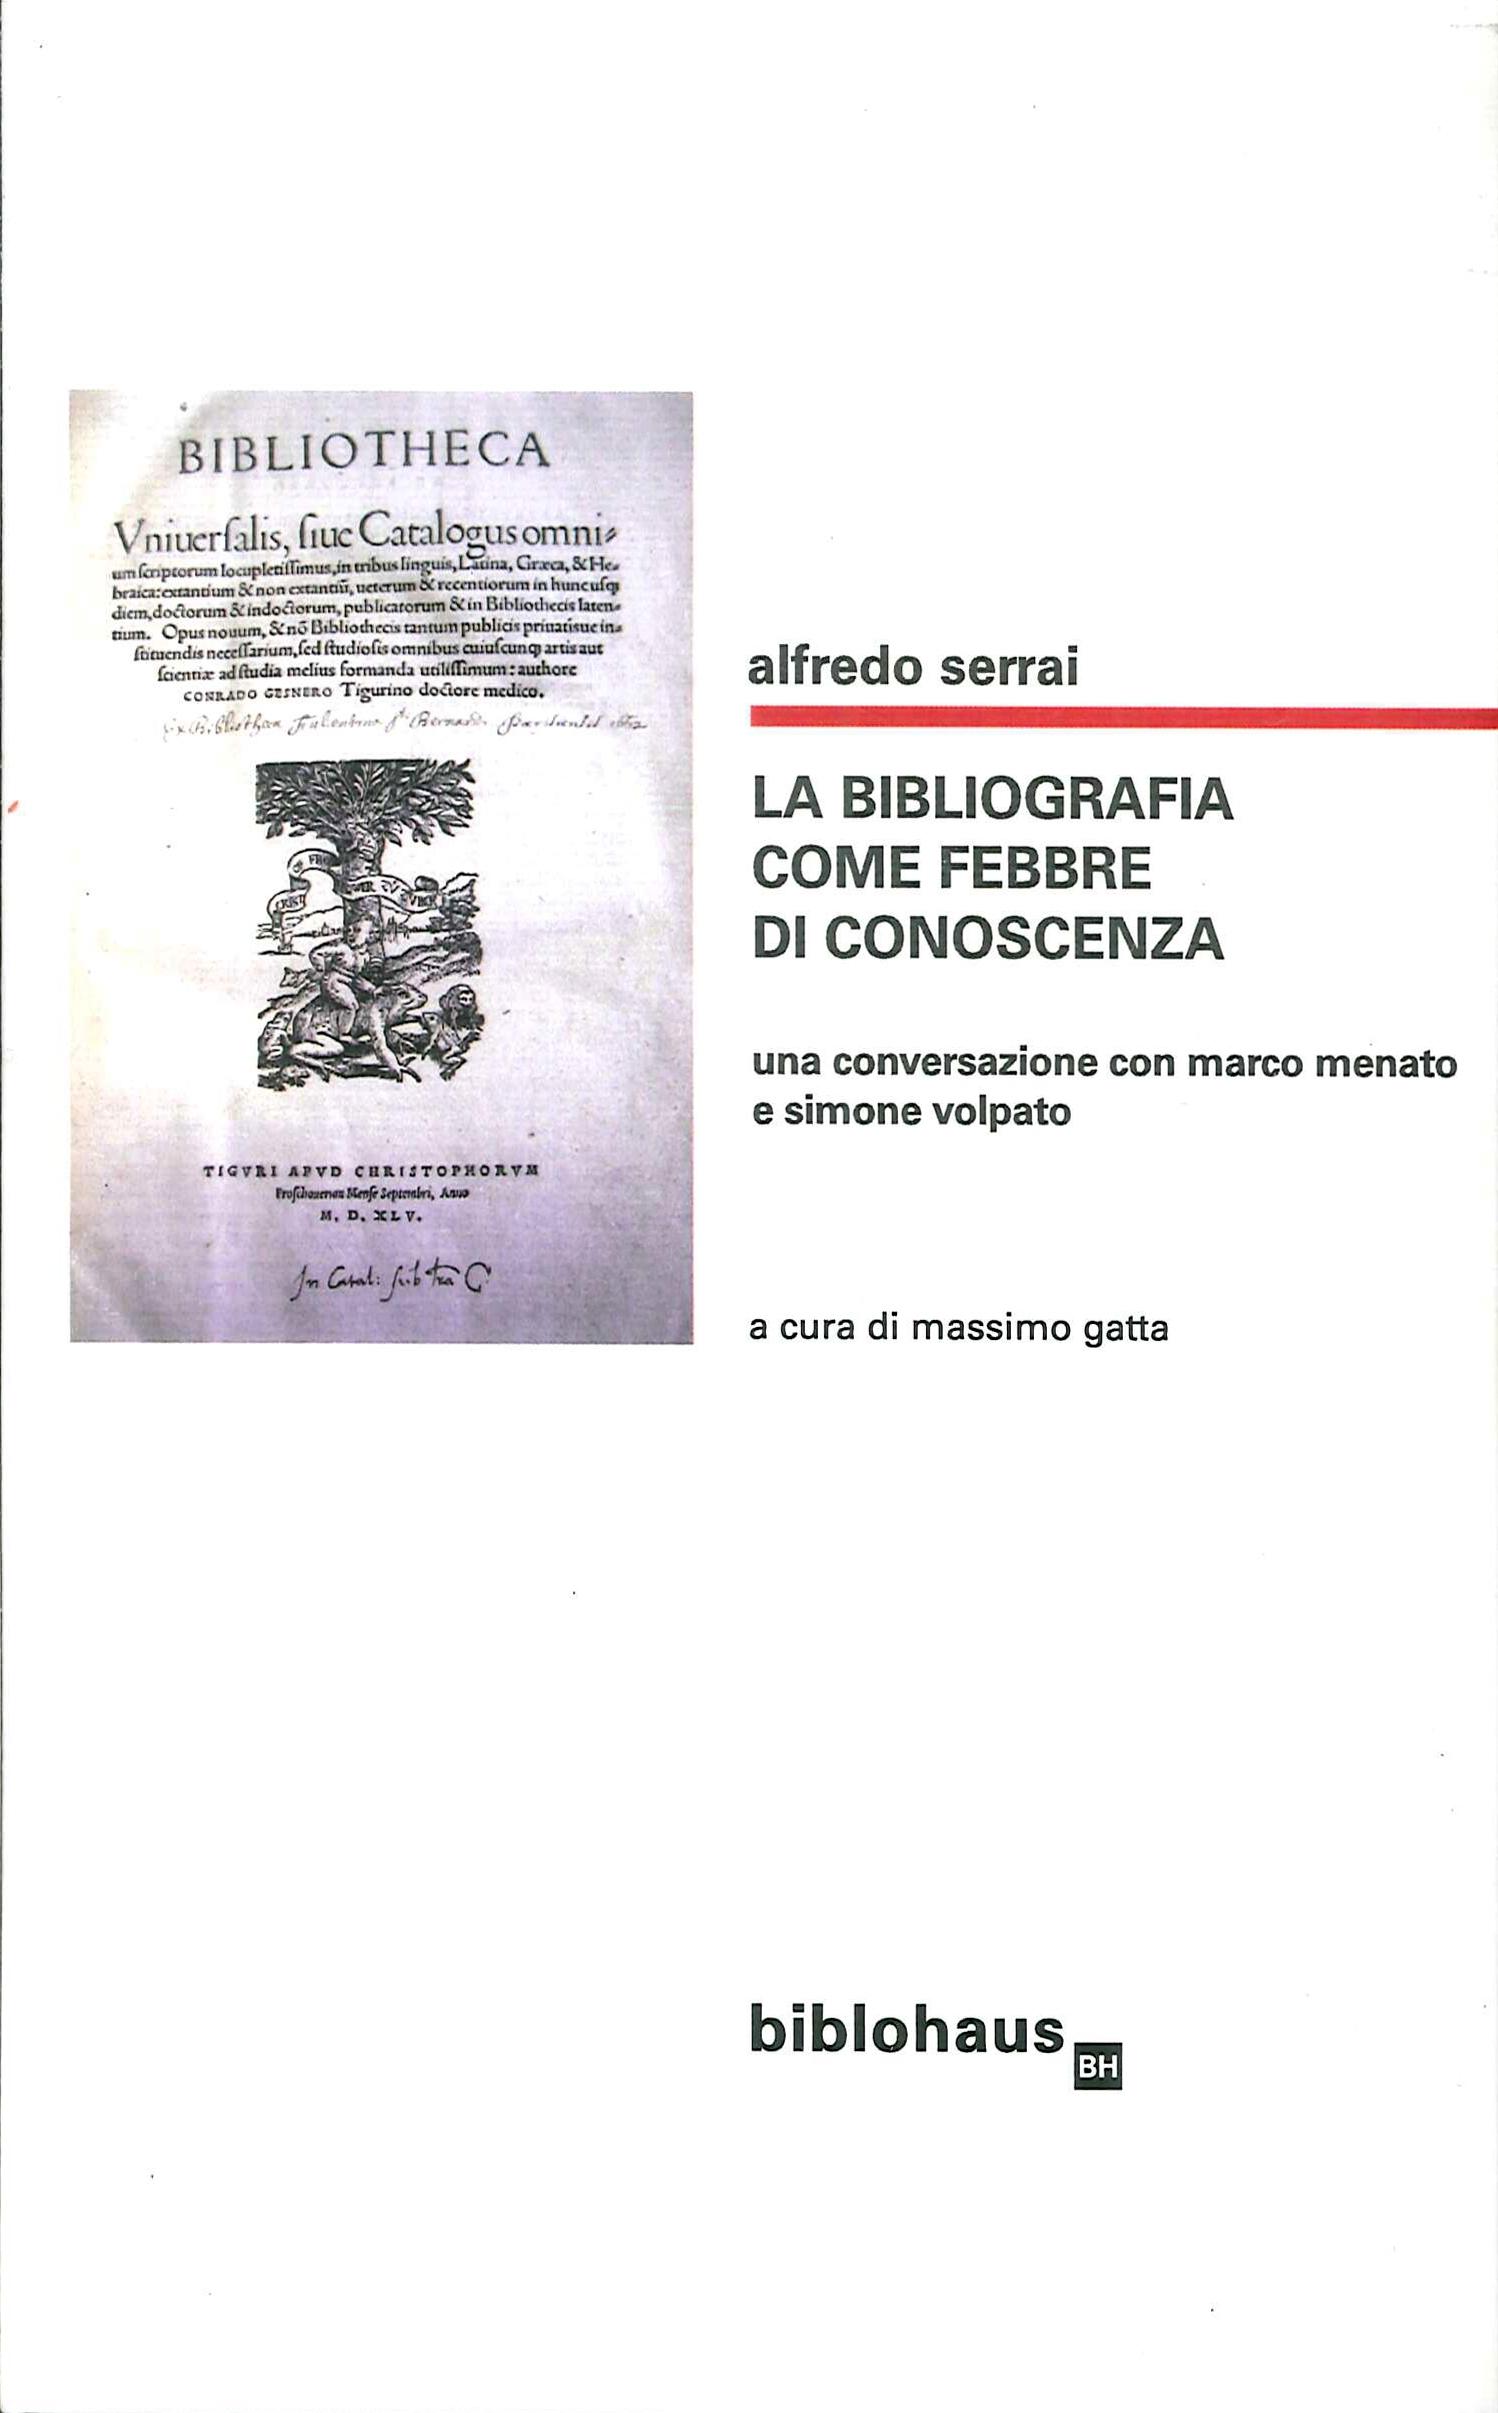 La bibliografia come febbre di conoscenza. Una conversazione con Marco Menato e Simone Volpato.